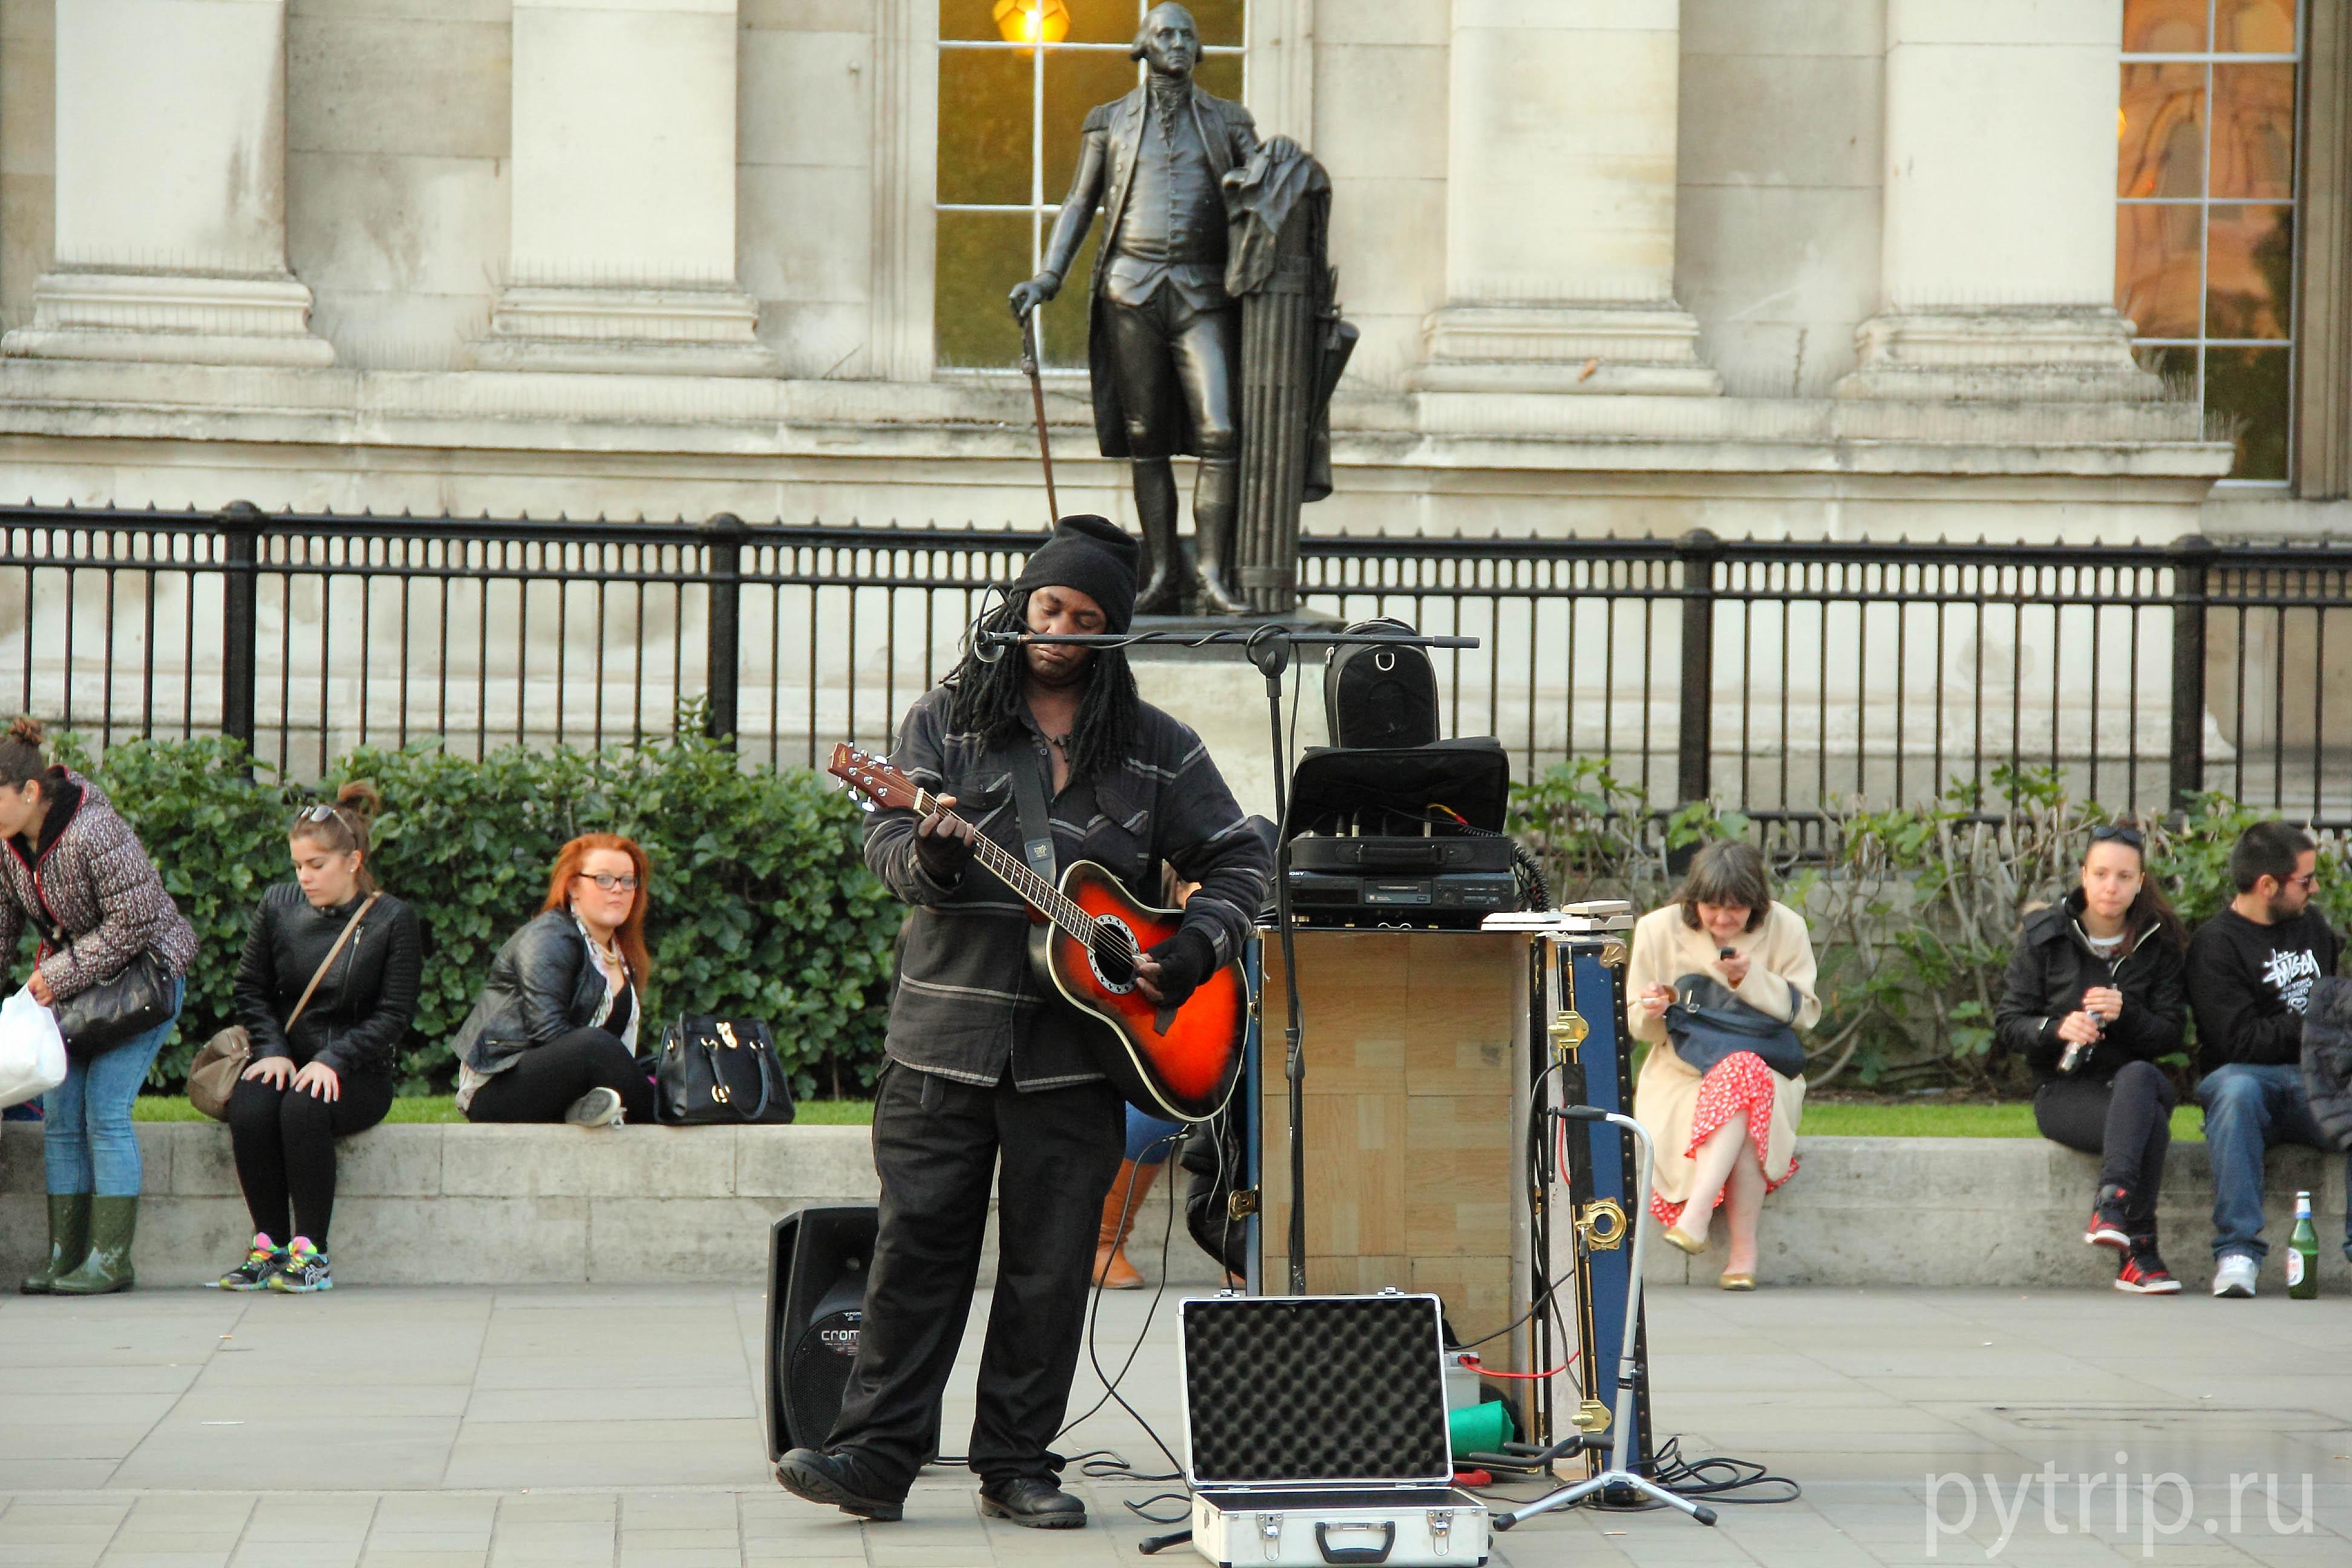 Обычный музыкант на площади